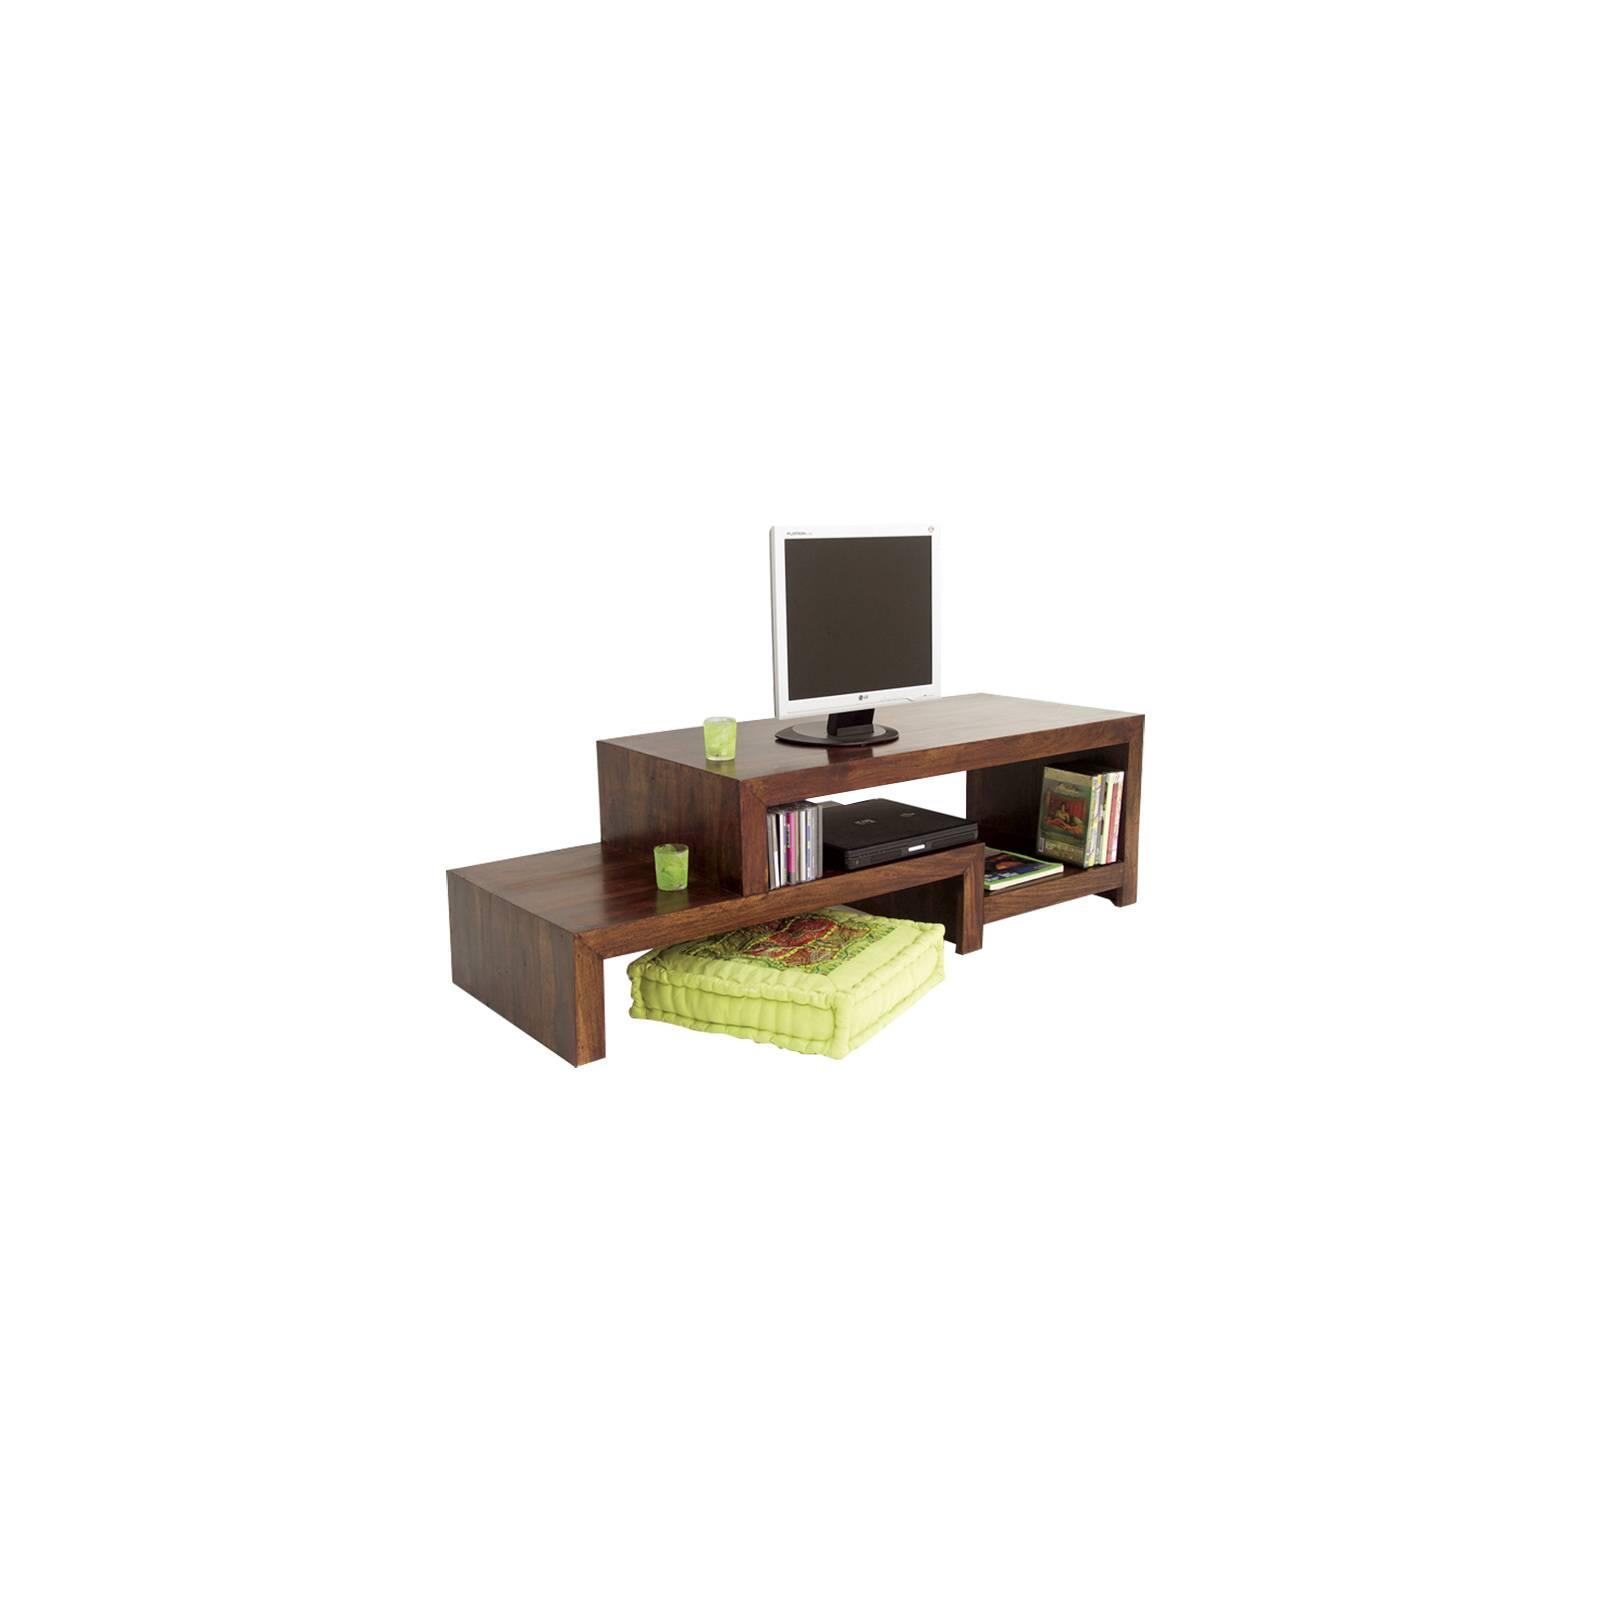 Meuble Tv Asymétrique Lhassa Palissandre - meuble tendance coloniale